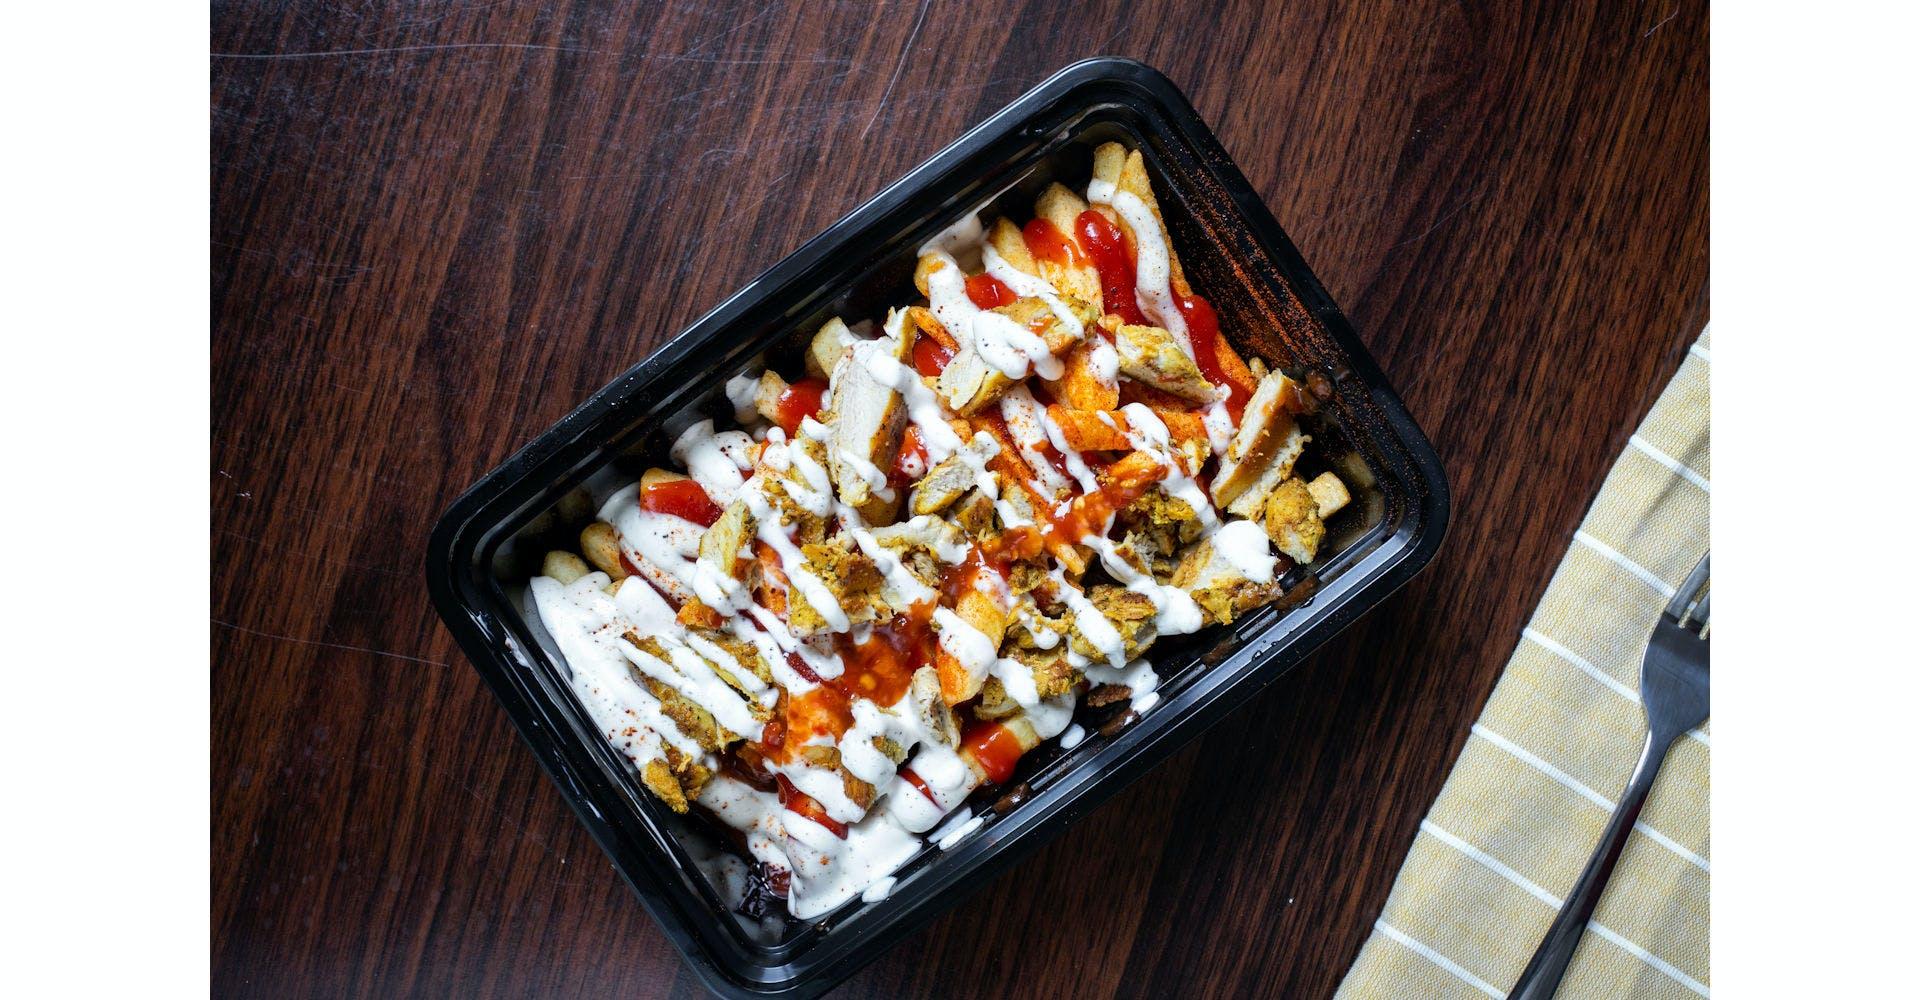 Chicken on Fries from Austin's Habibi in Austin, TX